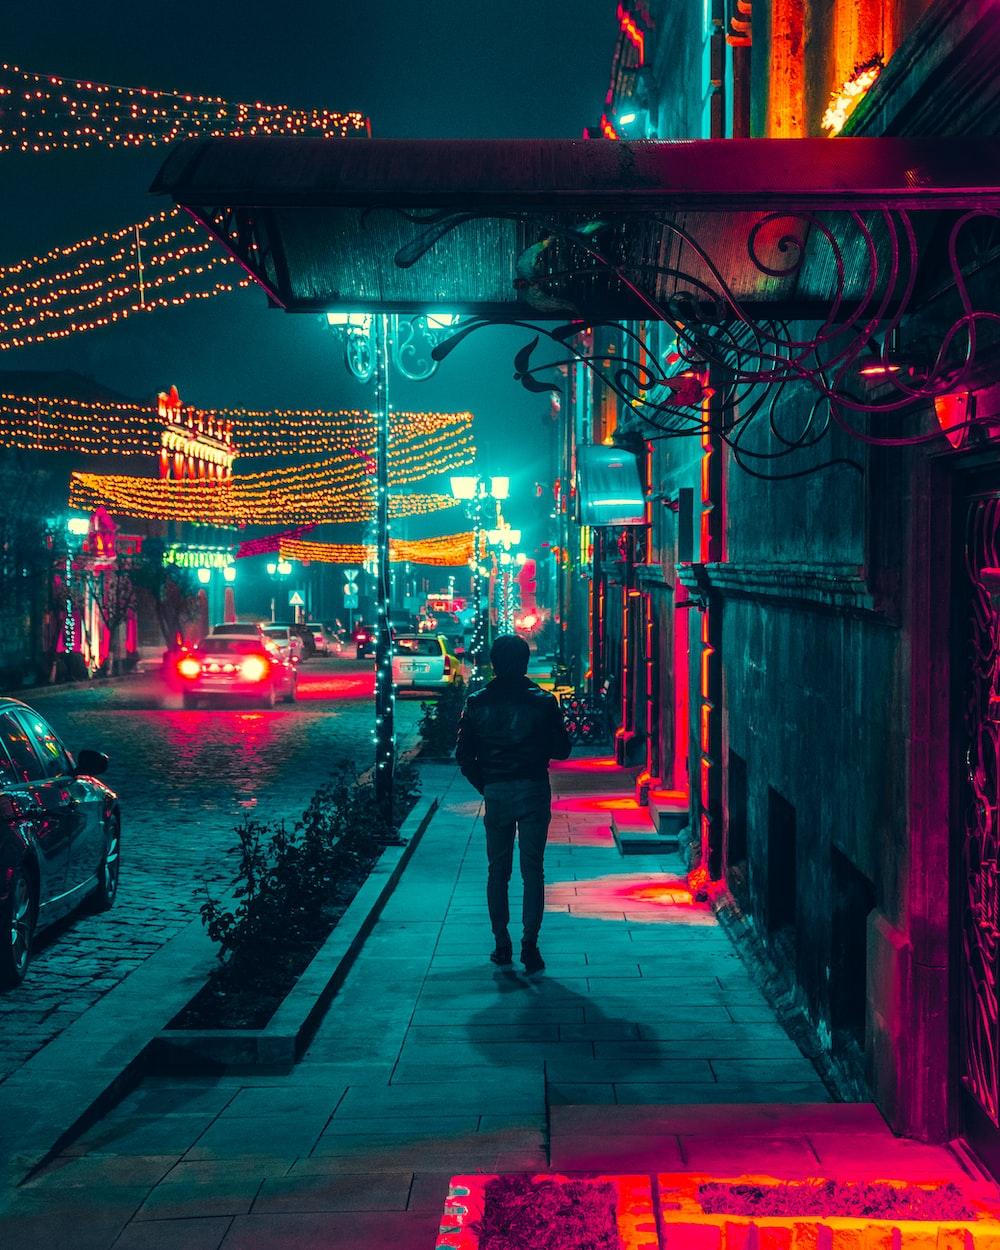 man walking along a sidewalk during nighttime